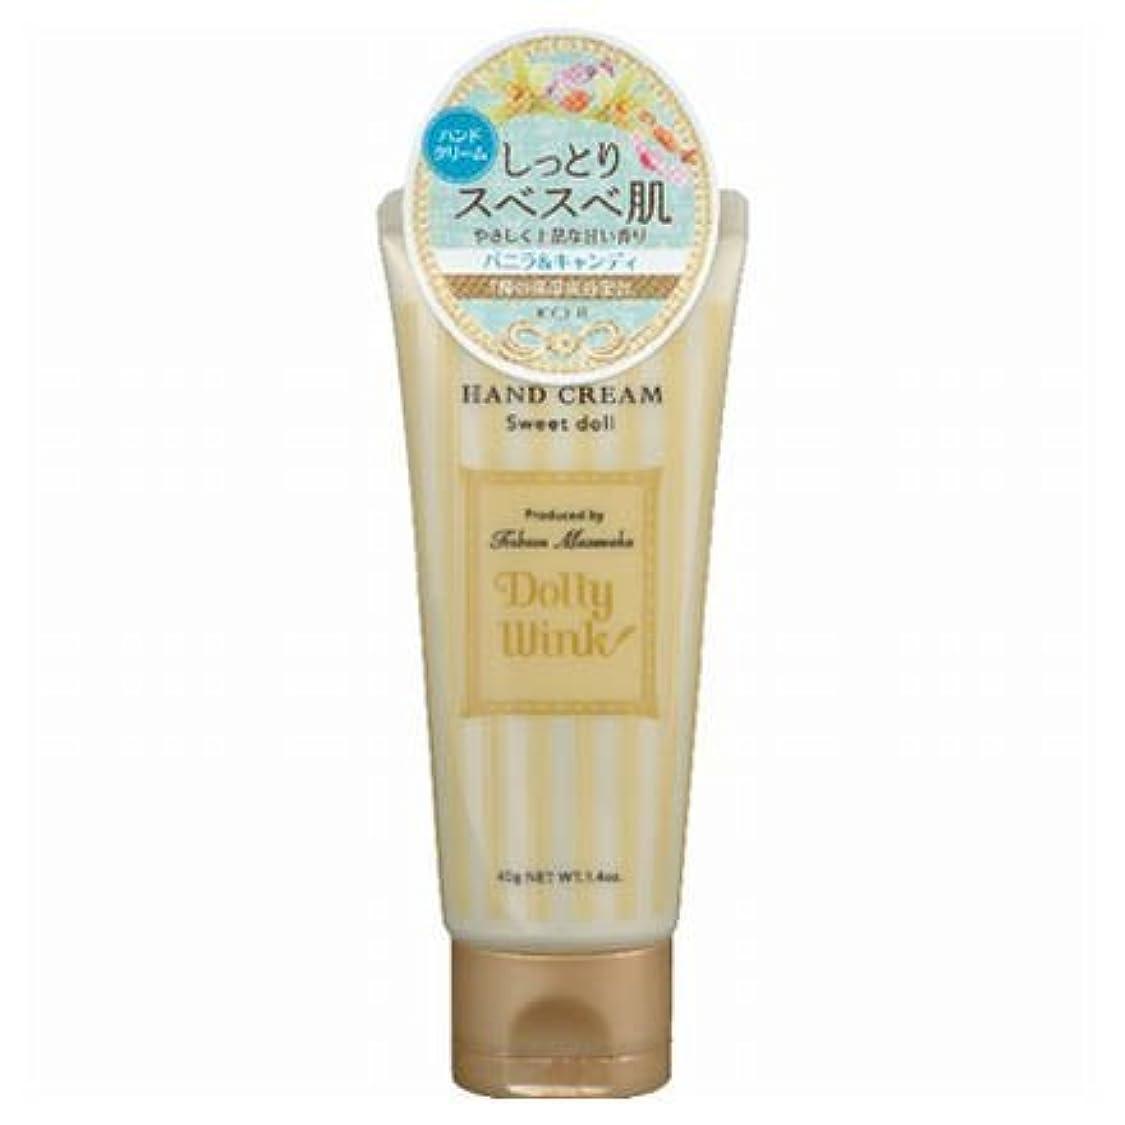 役に立たない取得する生きているドーリーウインク ハンドクリーム スイートドール バニラ&キャンディの香り 40g